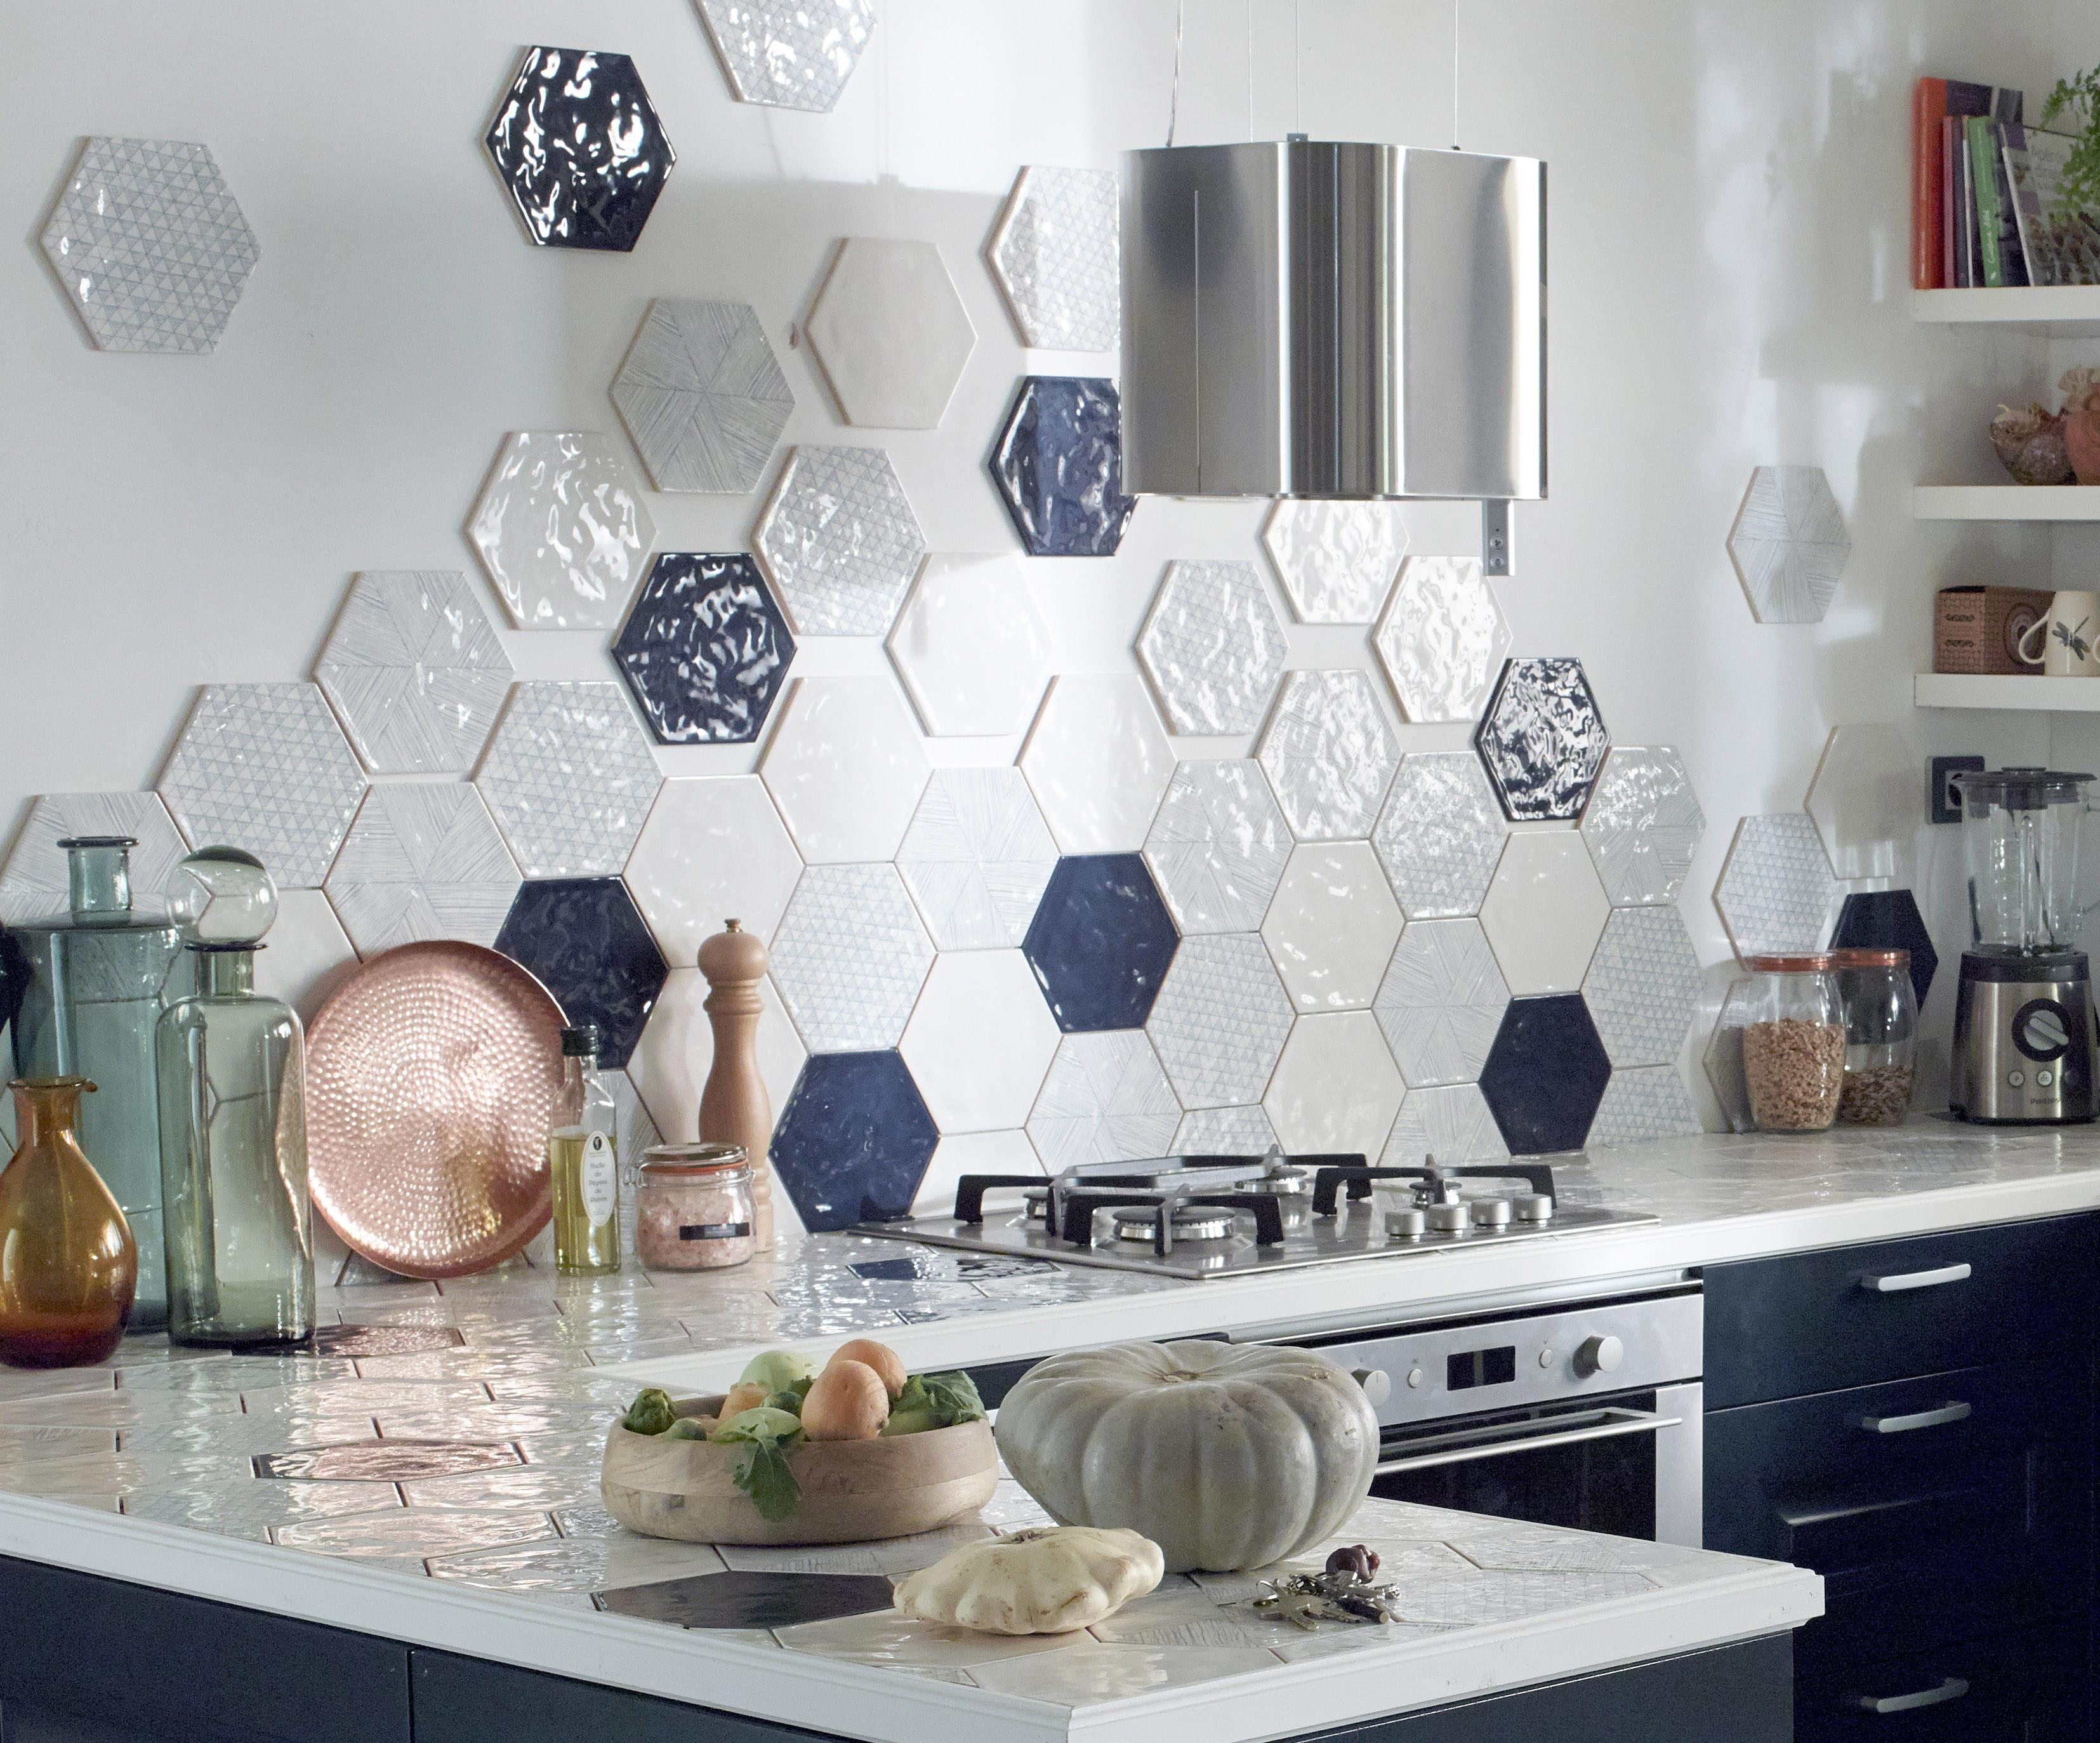 Cuisine mur bleu turquoise: cuisines ultra colorees. decoration ...